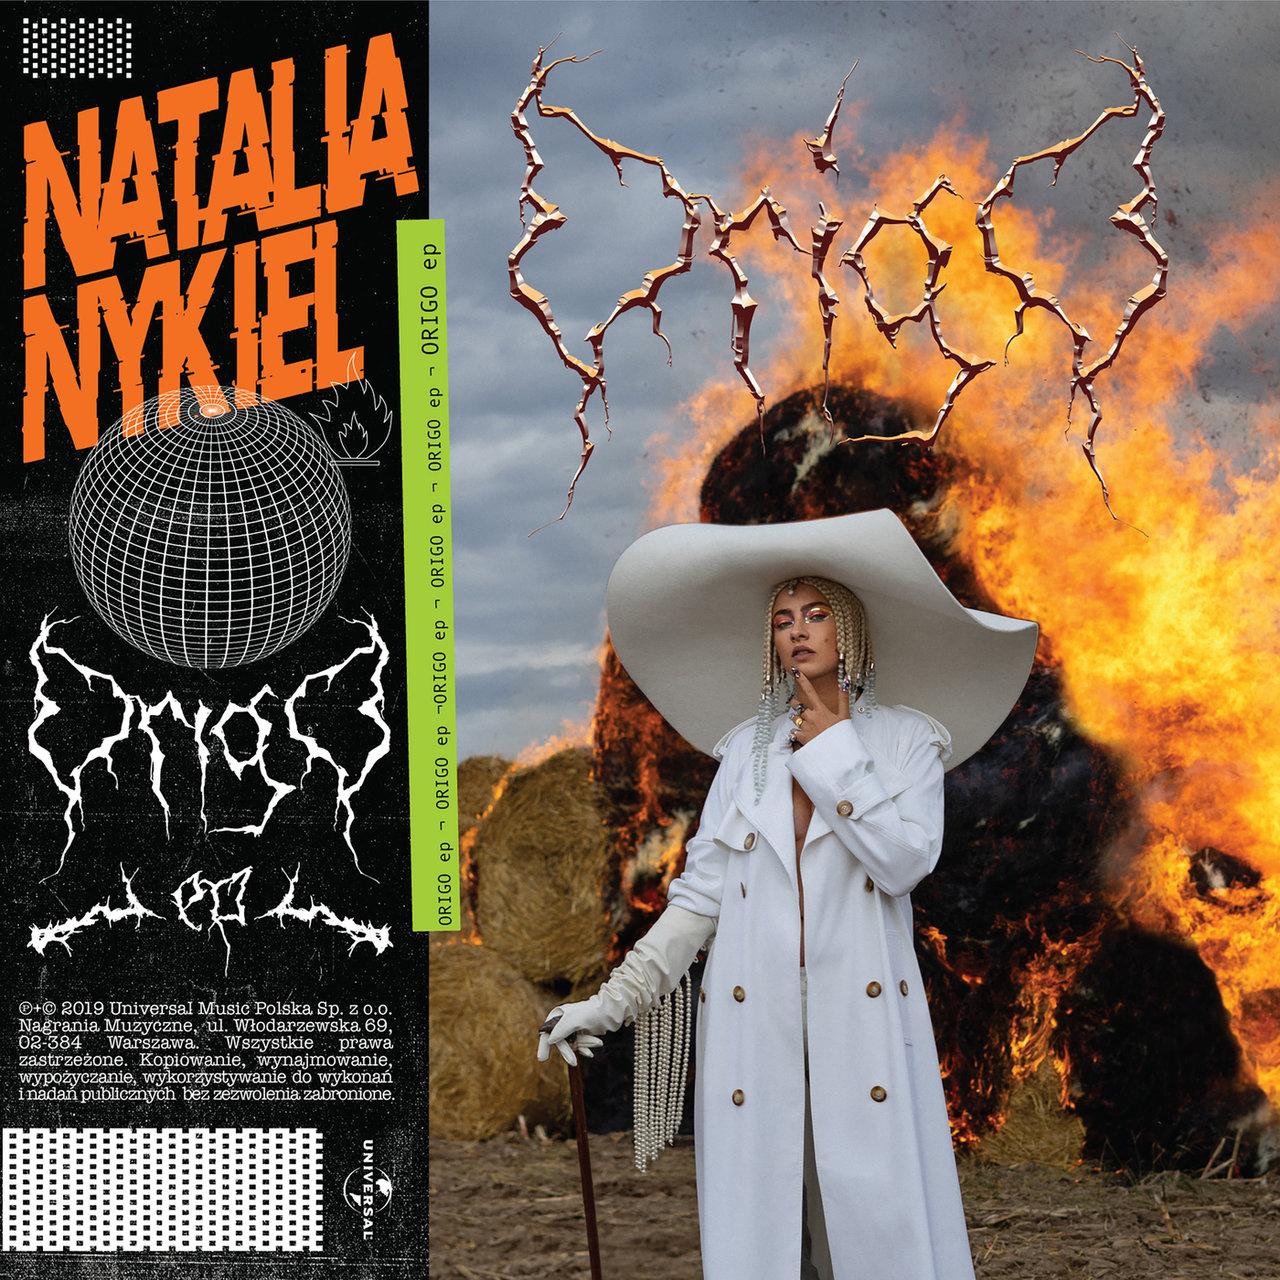 Natalia Nykiel - Orgio EP